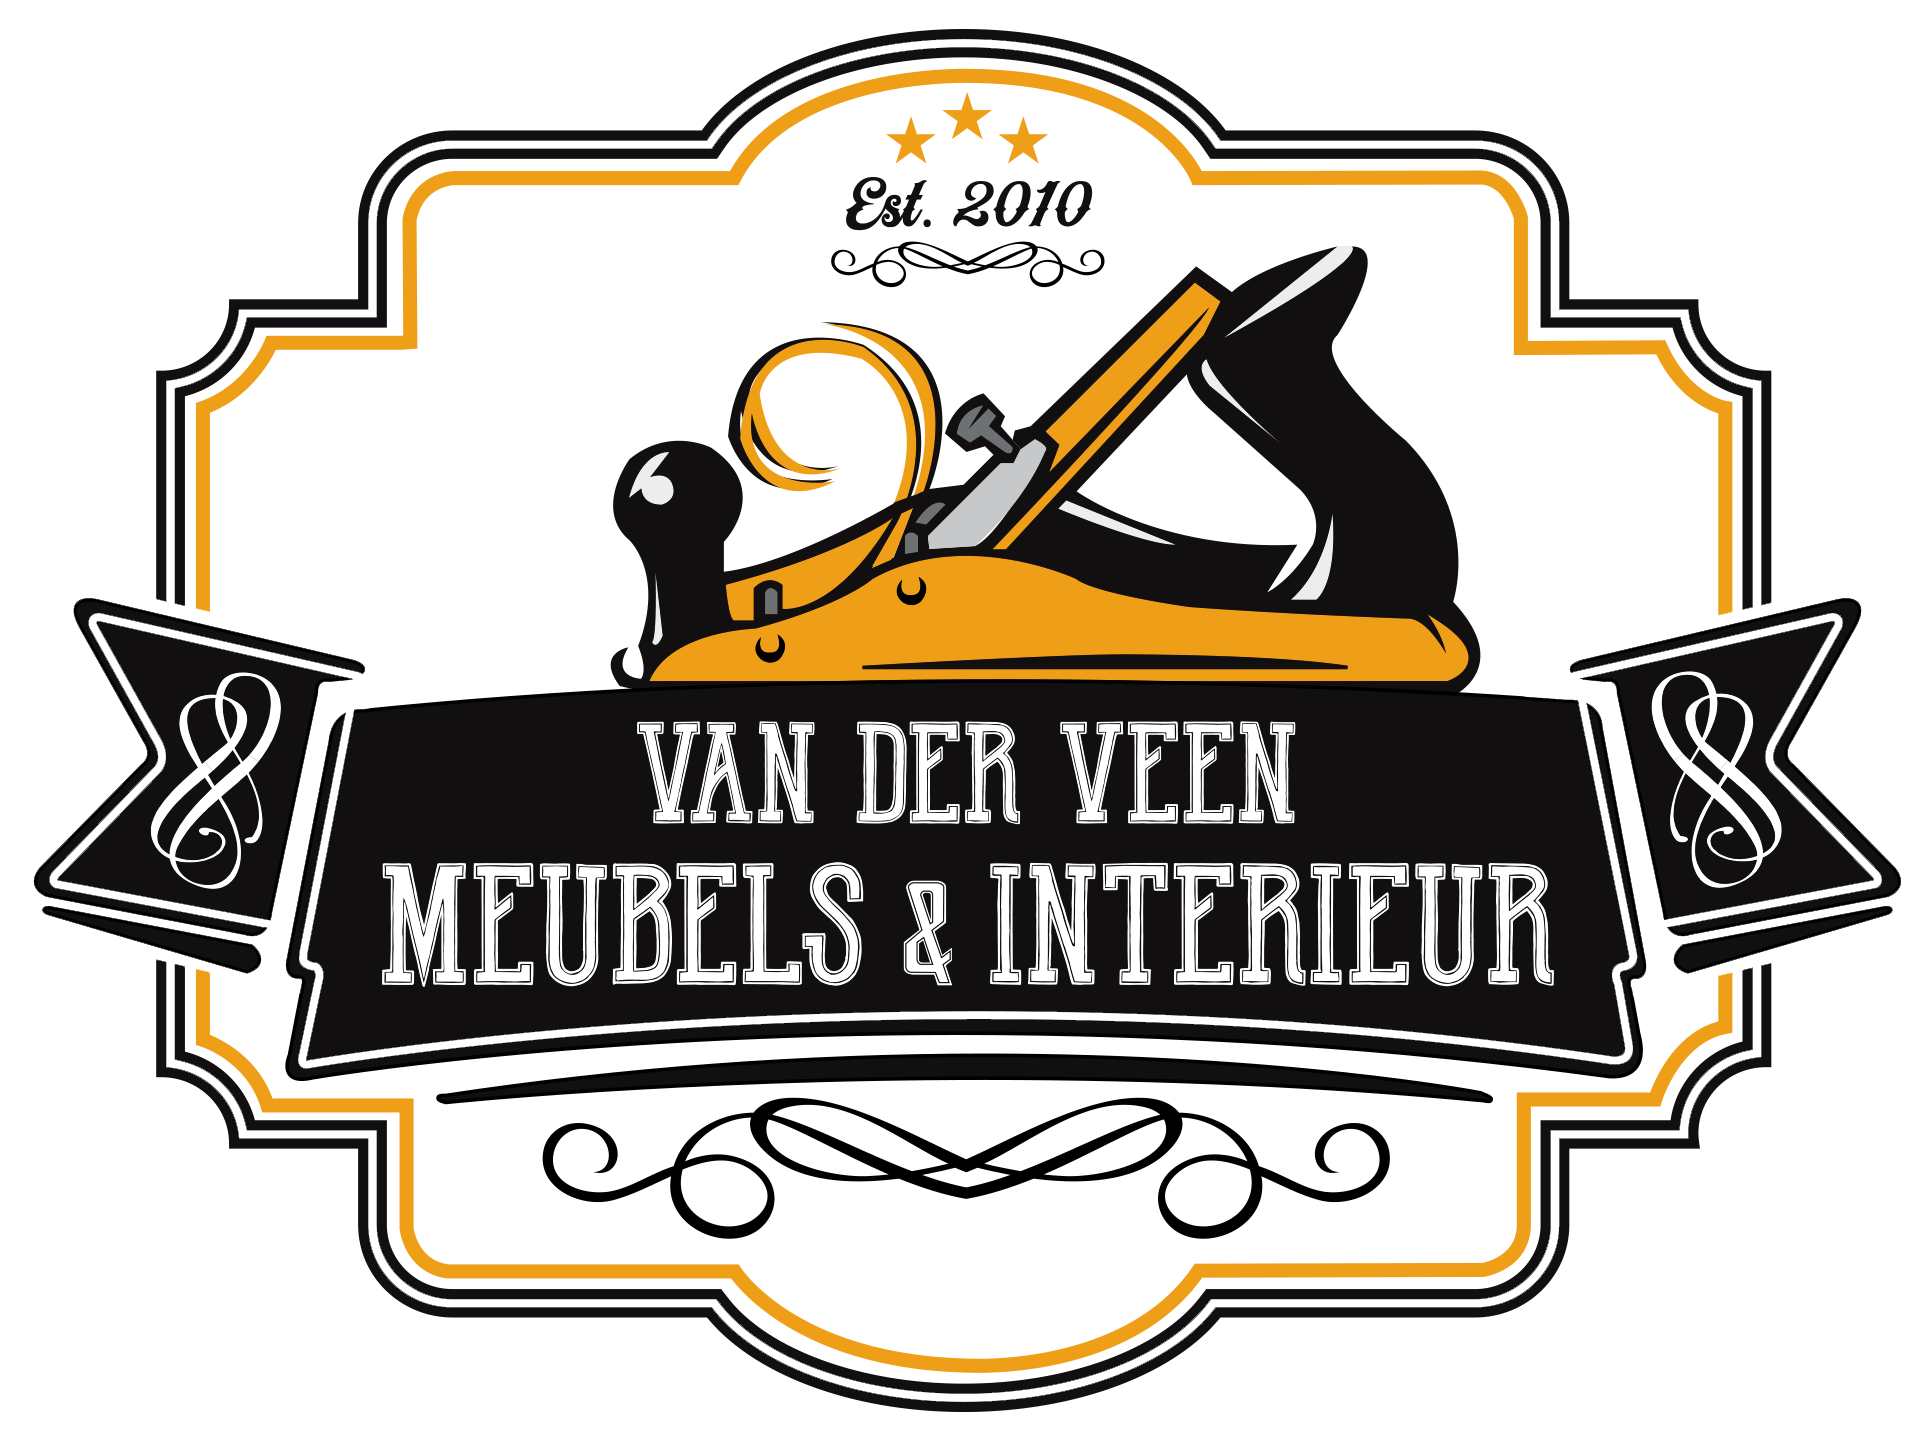 Van der Veen Meubels & Interieur